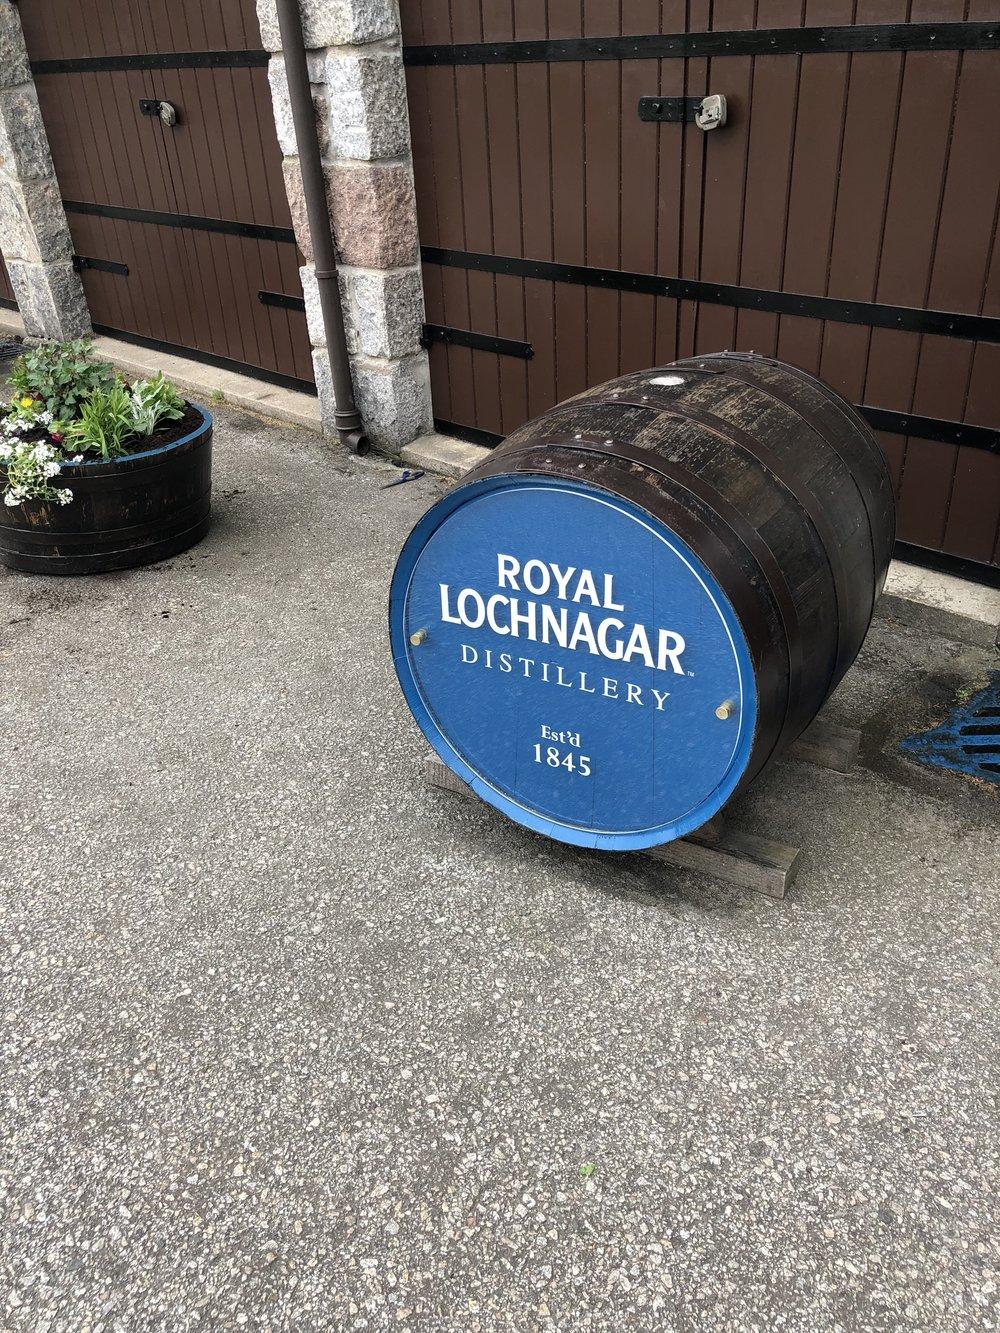 I also toured the Royal Lochnagar Distillery!